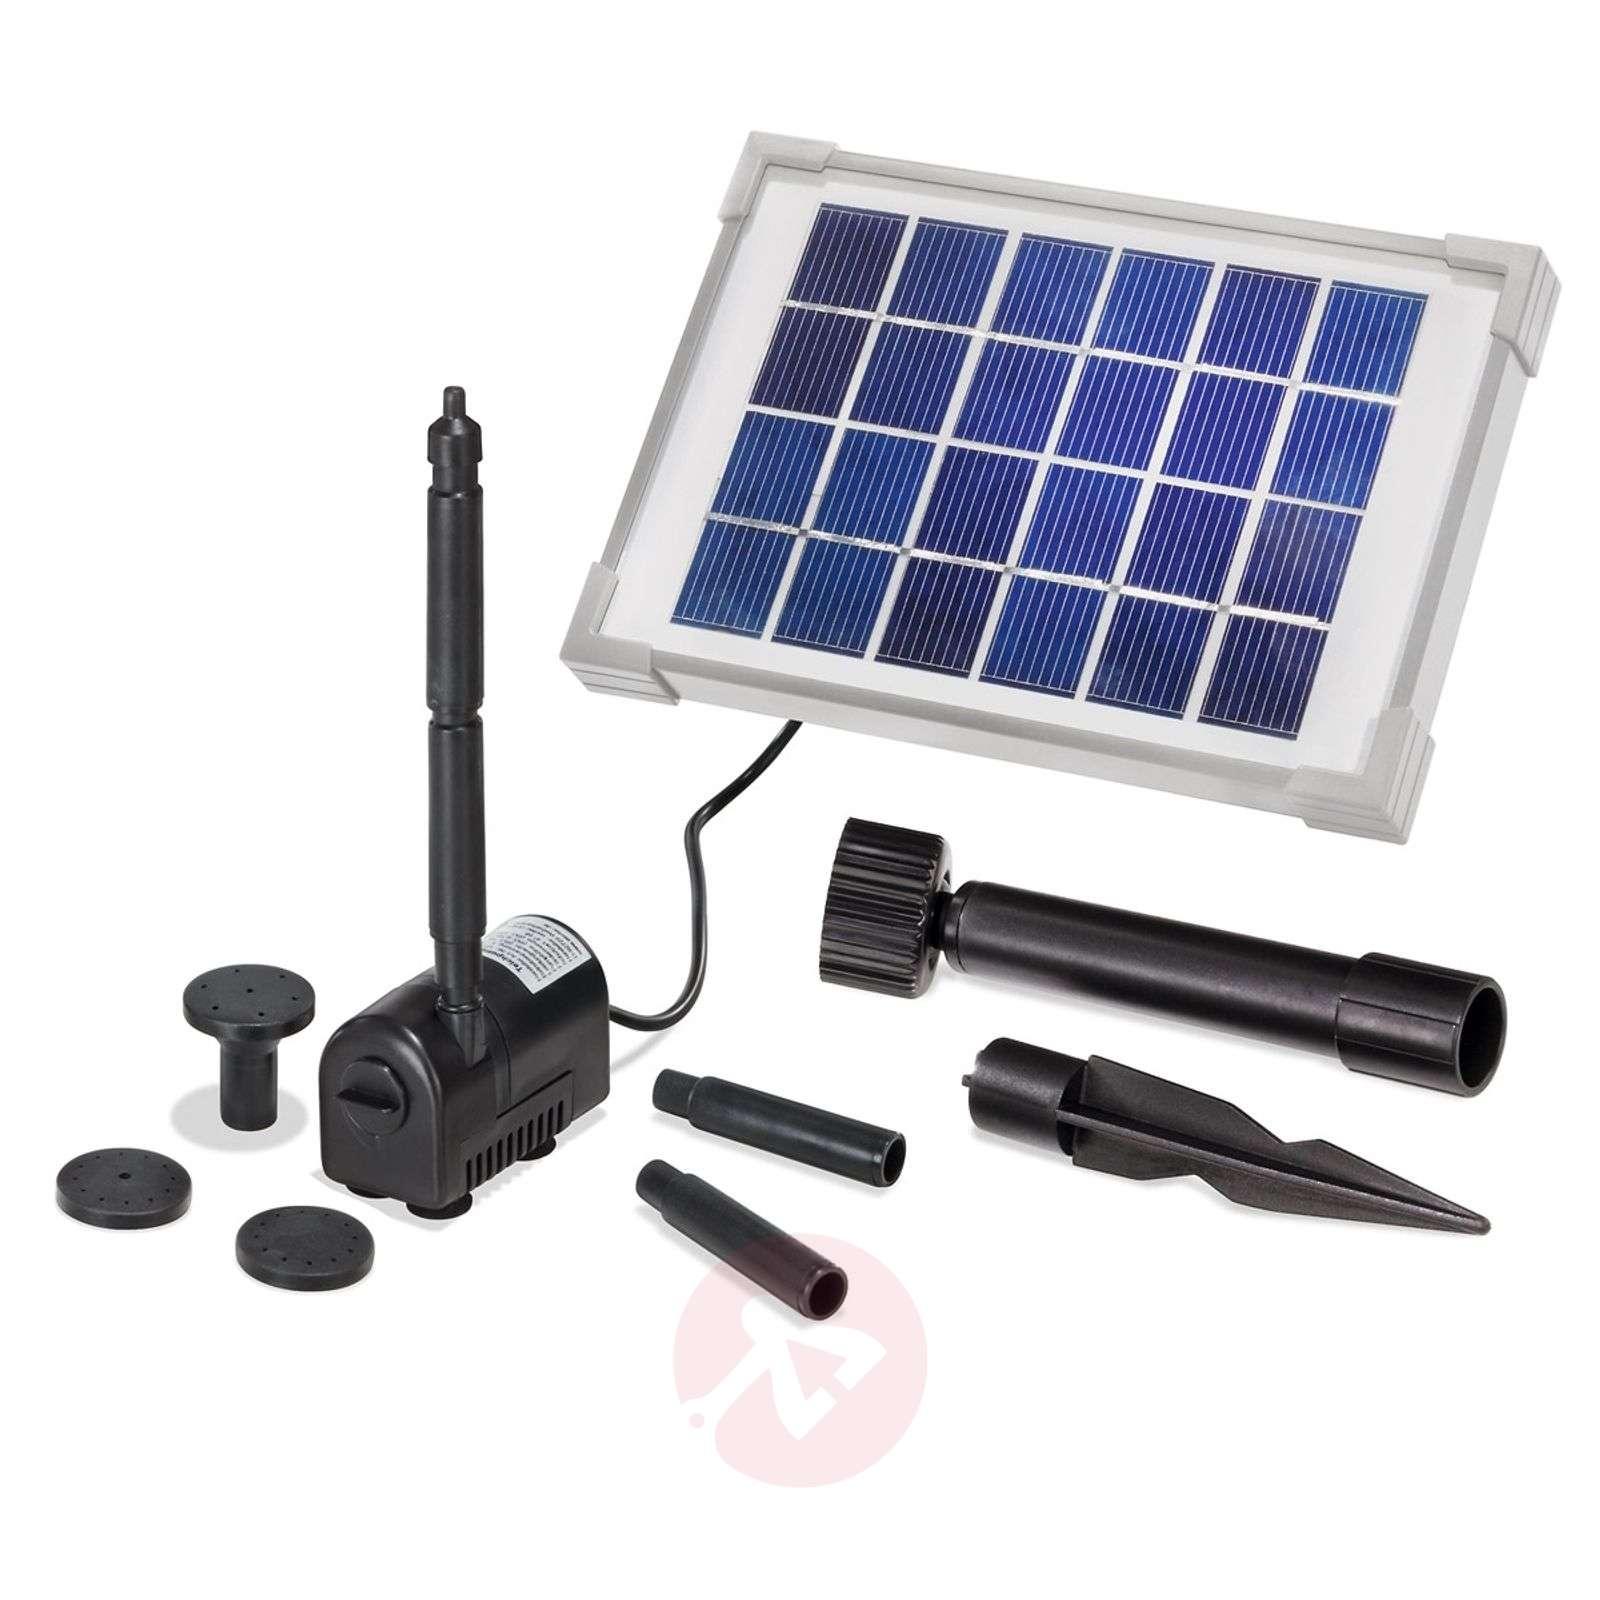 Laadukas RIMINI S-aurinkokennopumppujärjestelmä-3012151-01